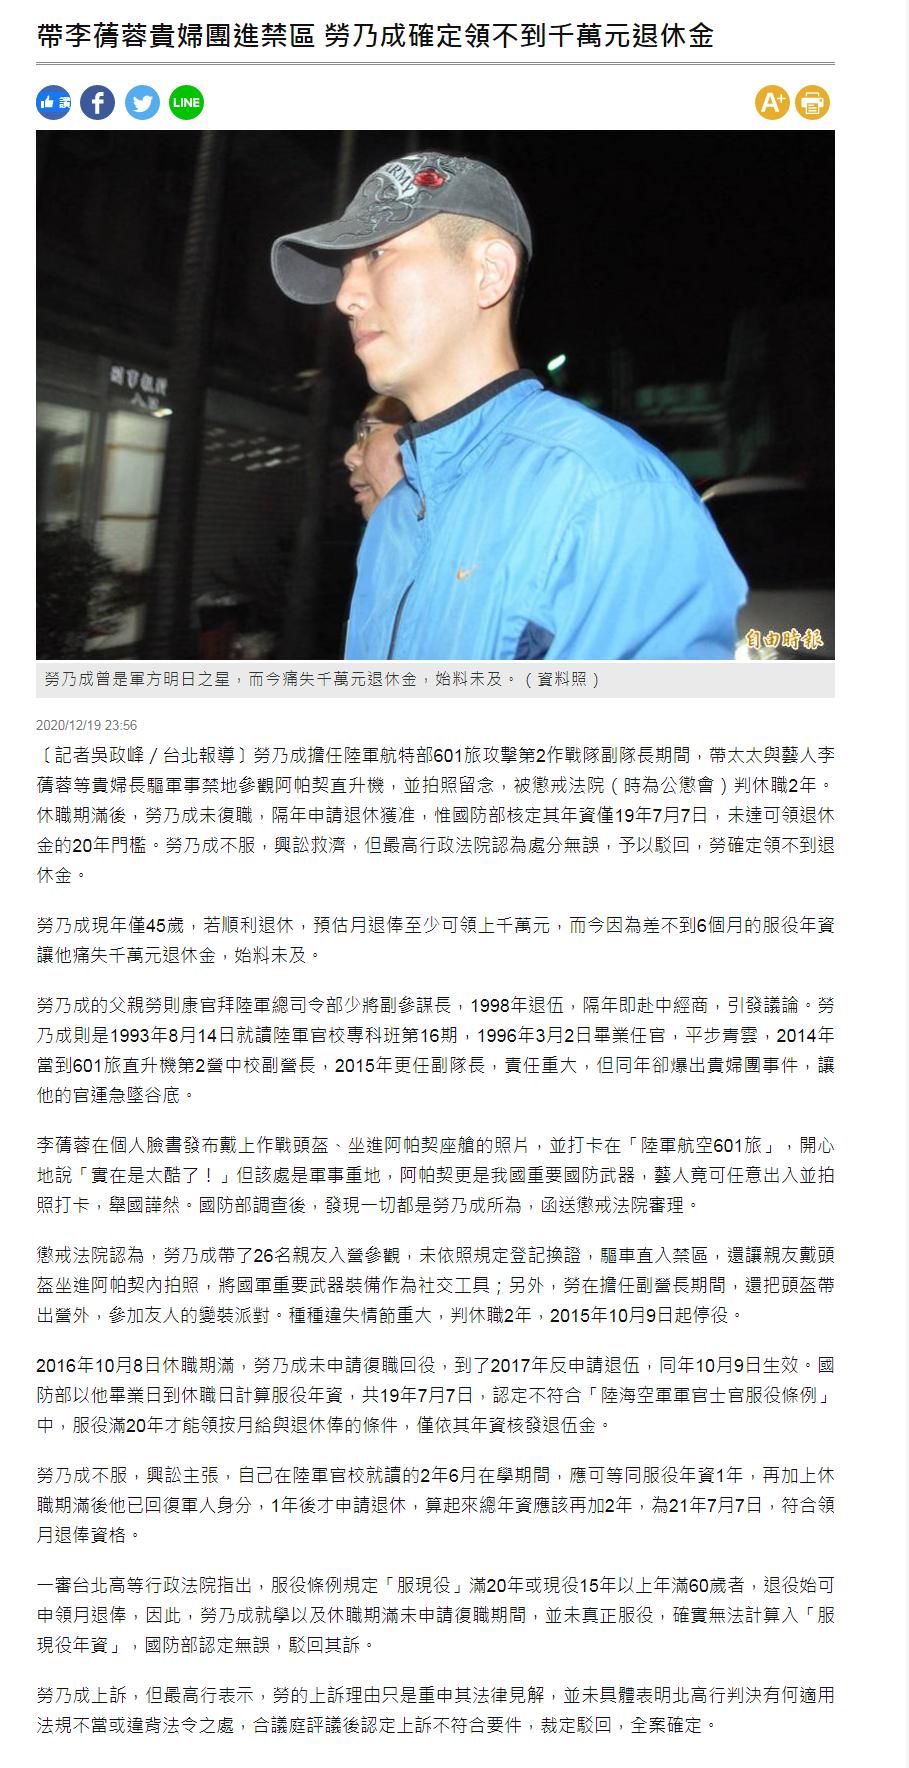 帶李蒨蓉貴婦團進禁區 勞乃成確定領不到千萬元退休金  - 自由時報-2020.12.19.png